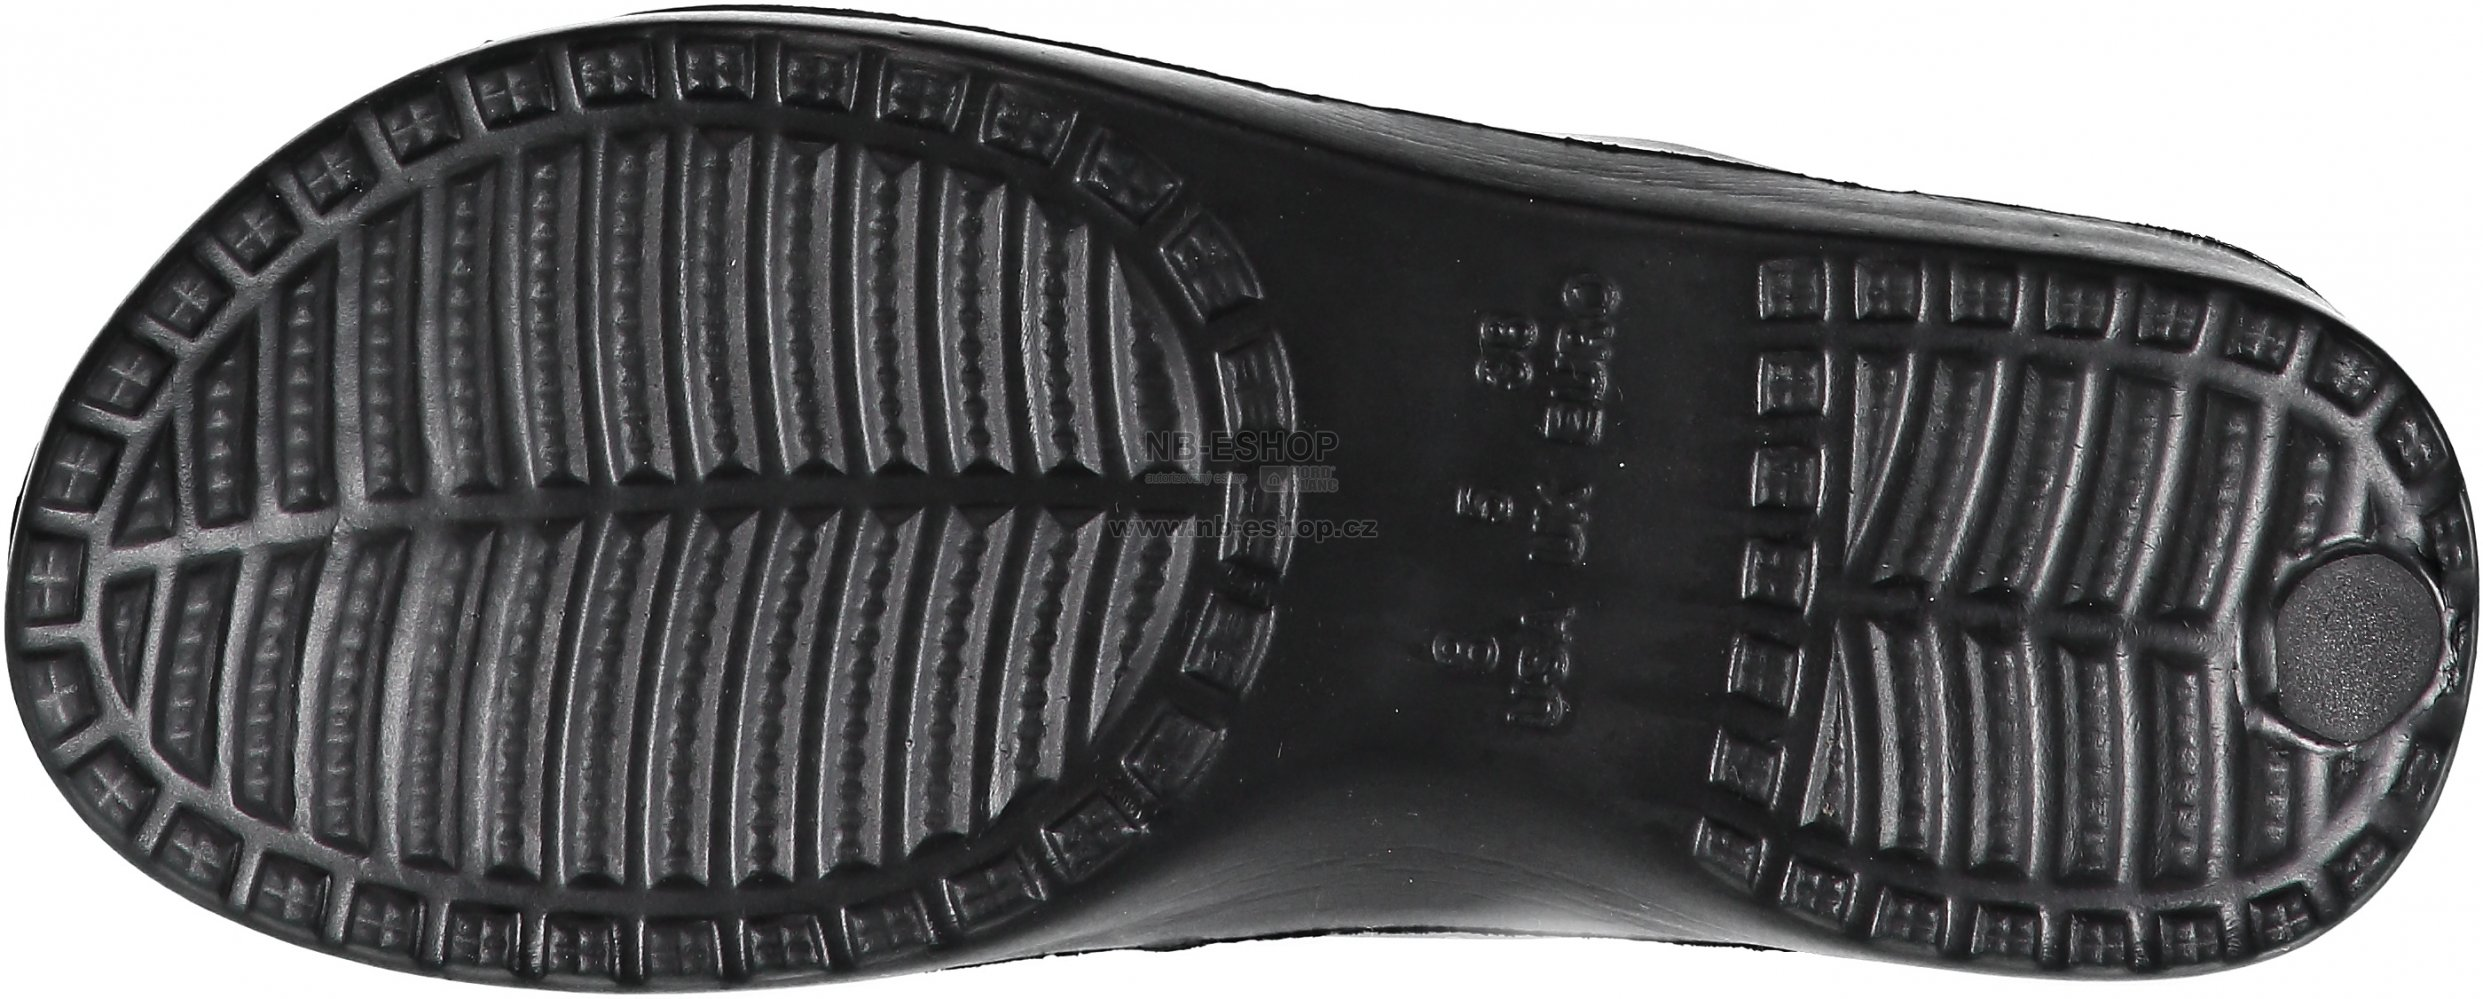 Dámské žabky LOAP FUGLIA SSL18143 ČERNÁ velikost  EU 39 (UK 6)   NB ... 2b85b4b3733